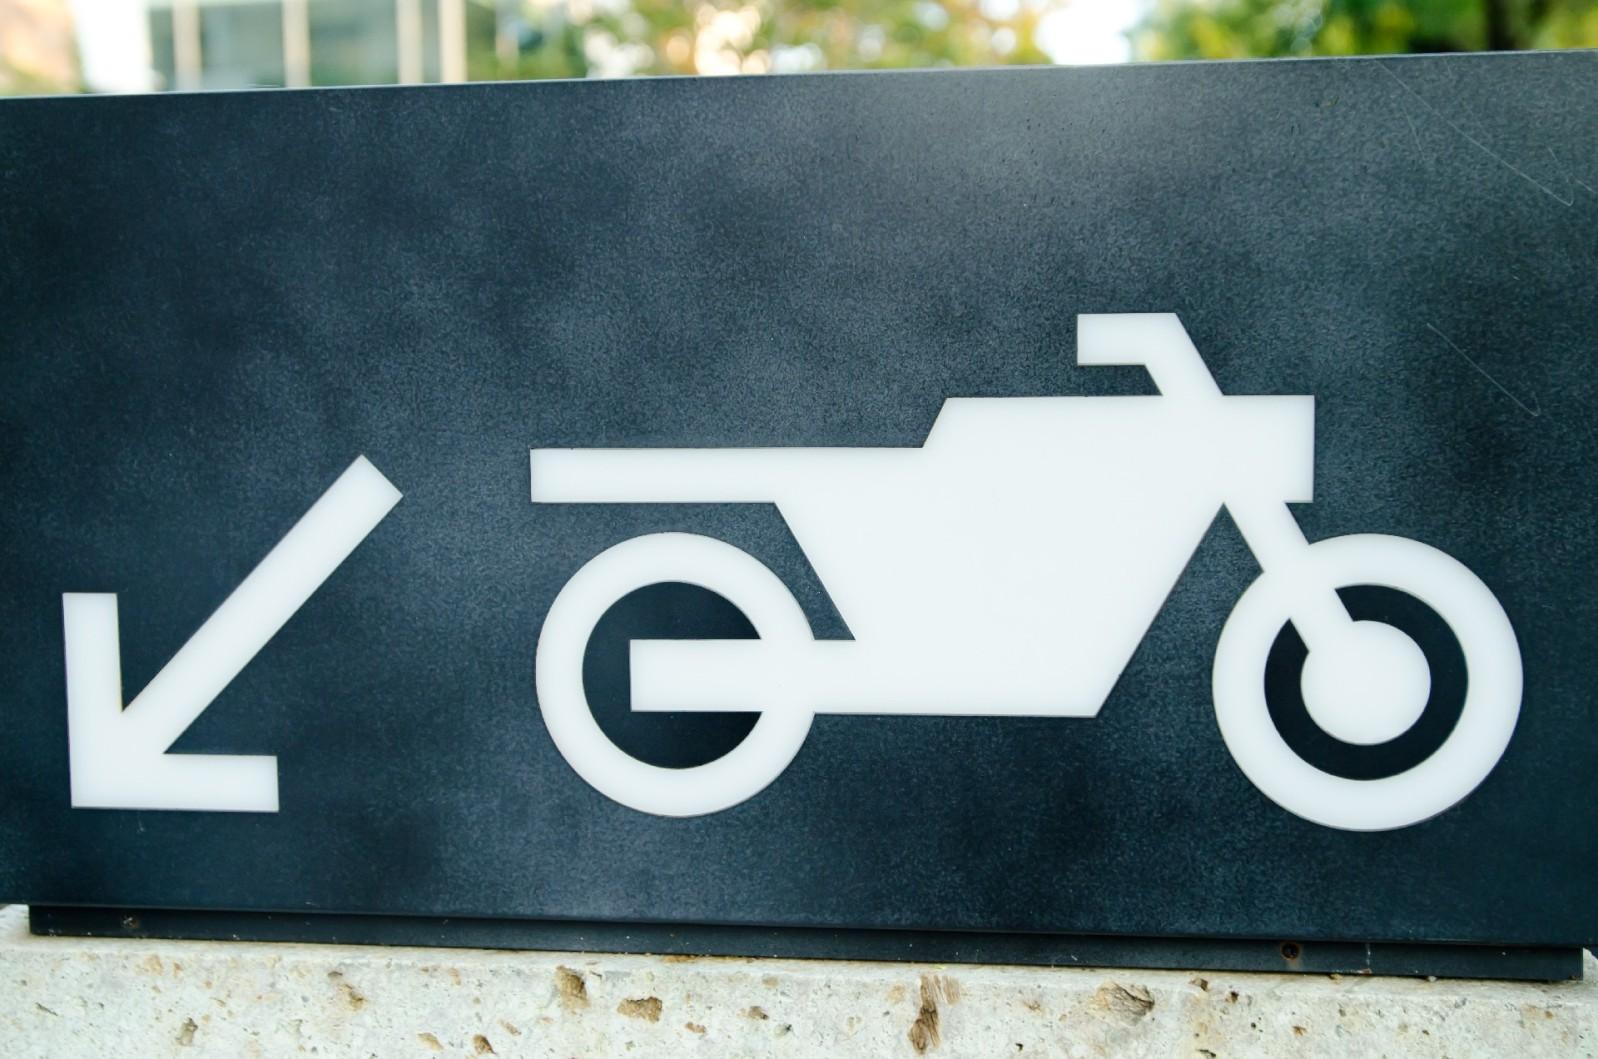 福岡市のバイク・自動二輪駐車場